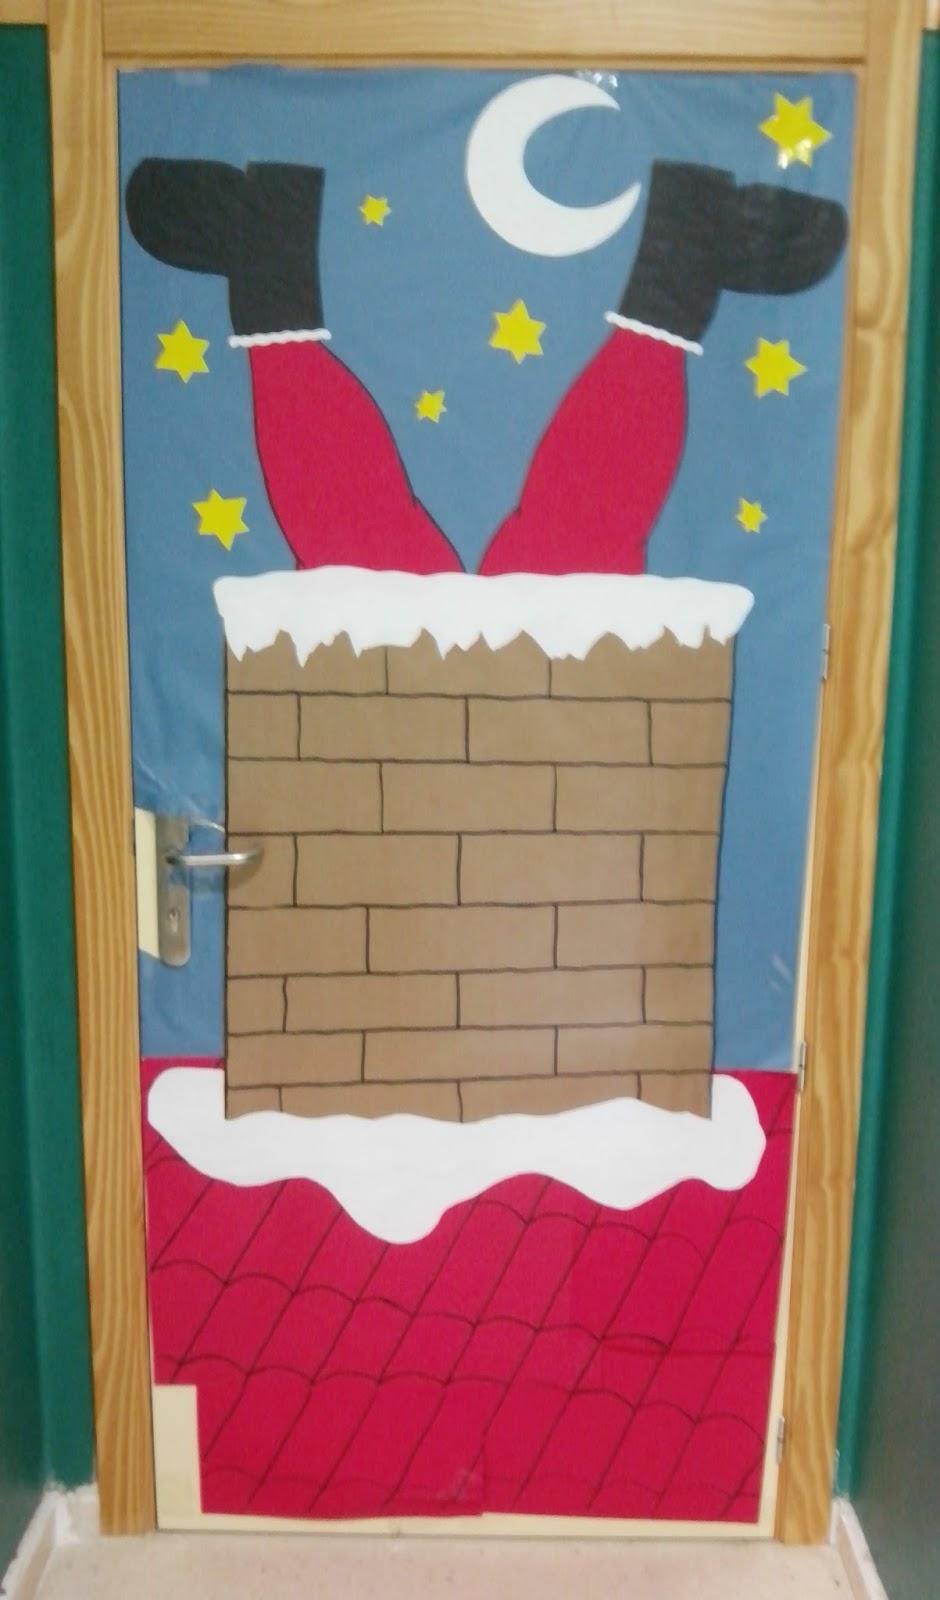 C mo mola la m sica puertas del cole lleg la navidad for Puertas decoradas navidad colegio